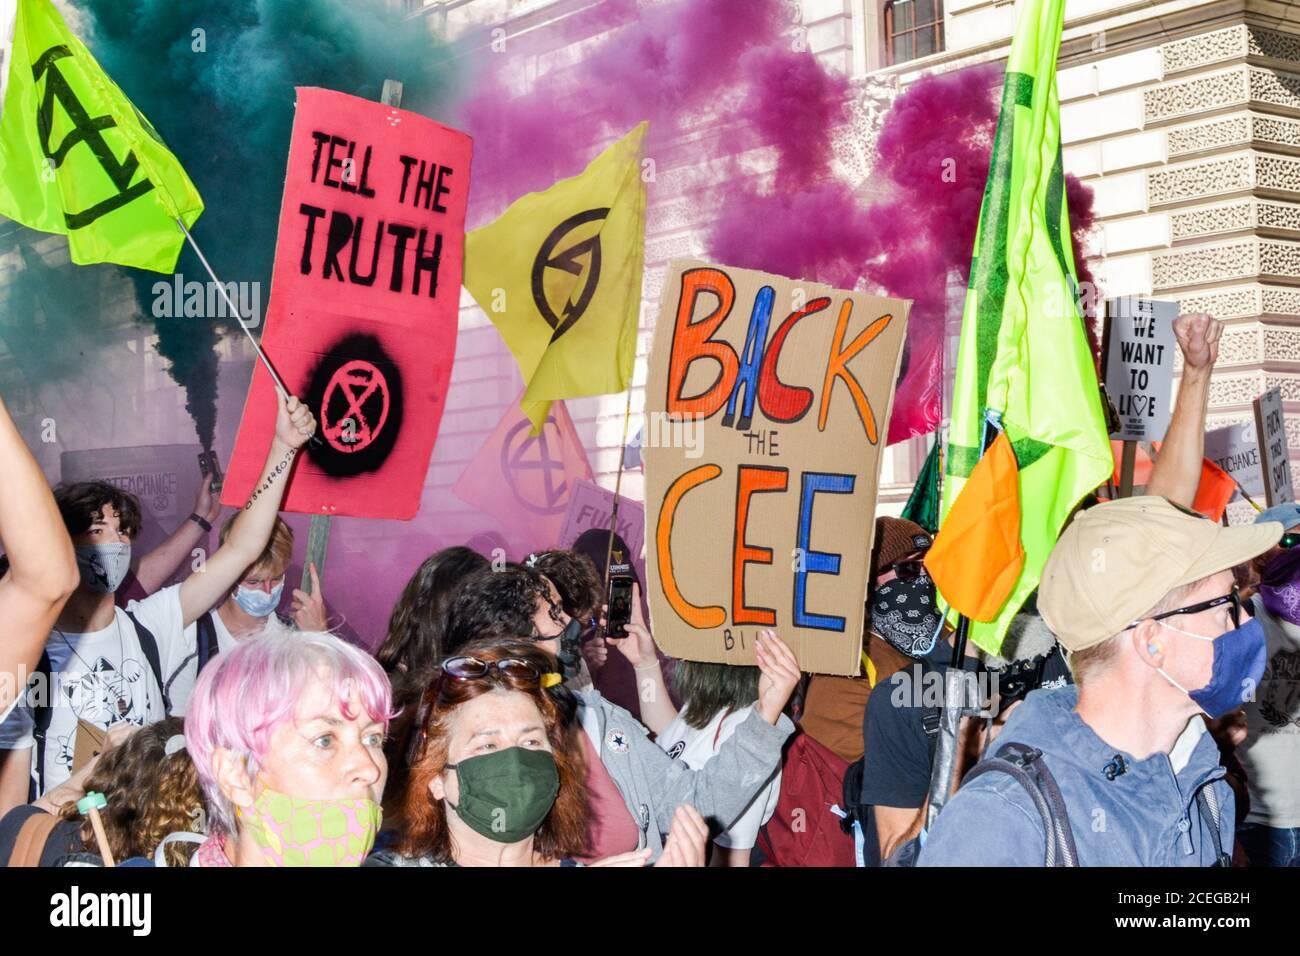 Miles de manifestantes de la rebelión de extinción convergen sobre la Plaza del Parlamento en el centro de Londres bloqueando las carreteras dentro y fuera de la zona exigiendo al gobierno que escuche su demanda de una Asamblea ciudadana para abordar el cambio climático. Foto de stock